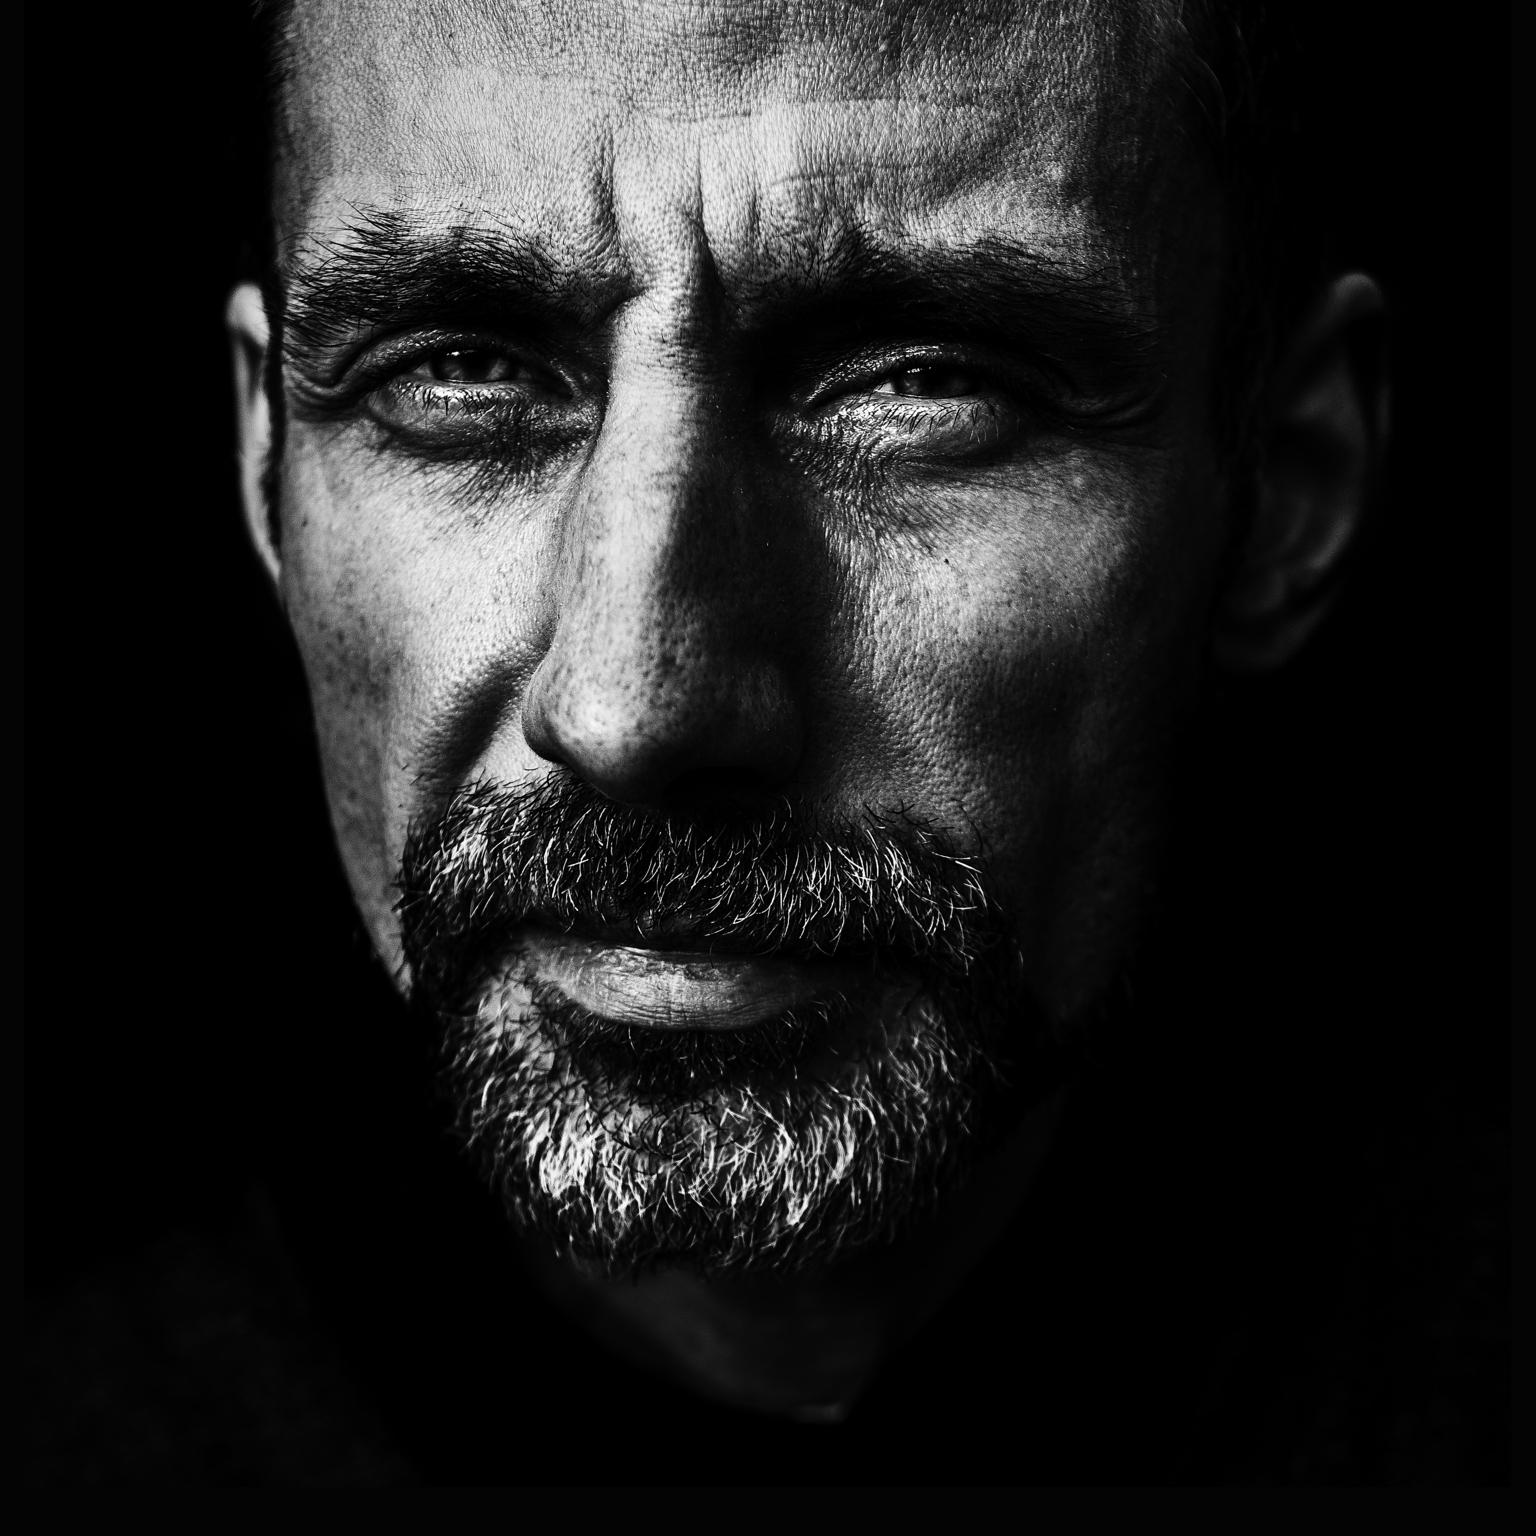 indringend portret - Soms heb je niet meer nodig dan 2 ogen om een verhaal te vertellen. - foto door Lucimage op 12-04-2021 - locatie: België - deze foto bevat: zwartwit, lichtdonker, contrast, ogen, emotie, verbinding, voorhoofd, neus, wenkbrauw, mond, baard, flitsfotografie, kaak, wimper, oor, geen uitdrukking